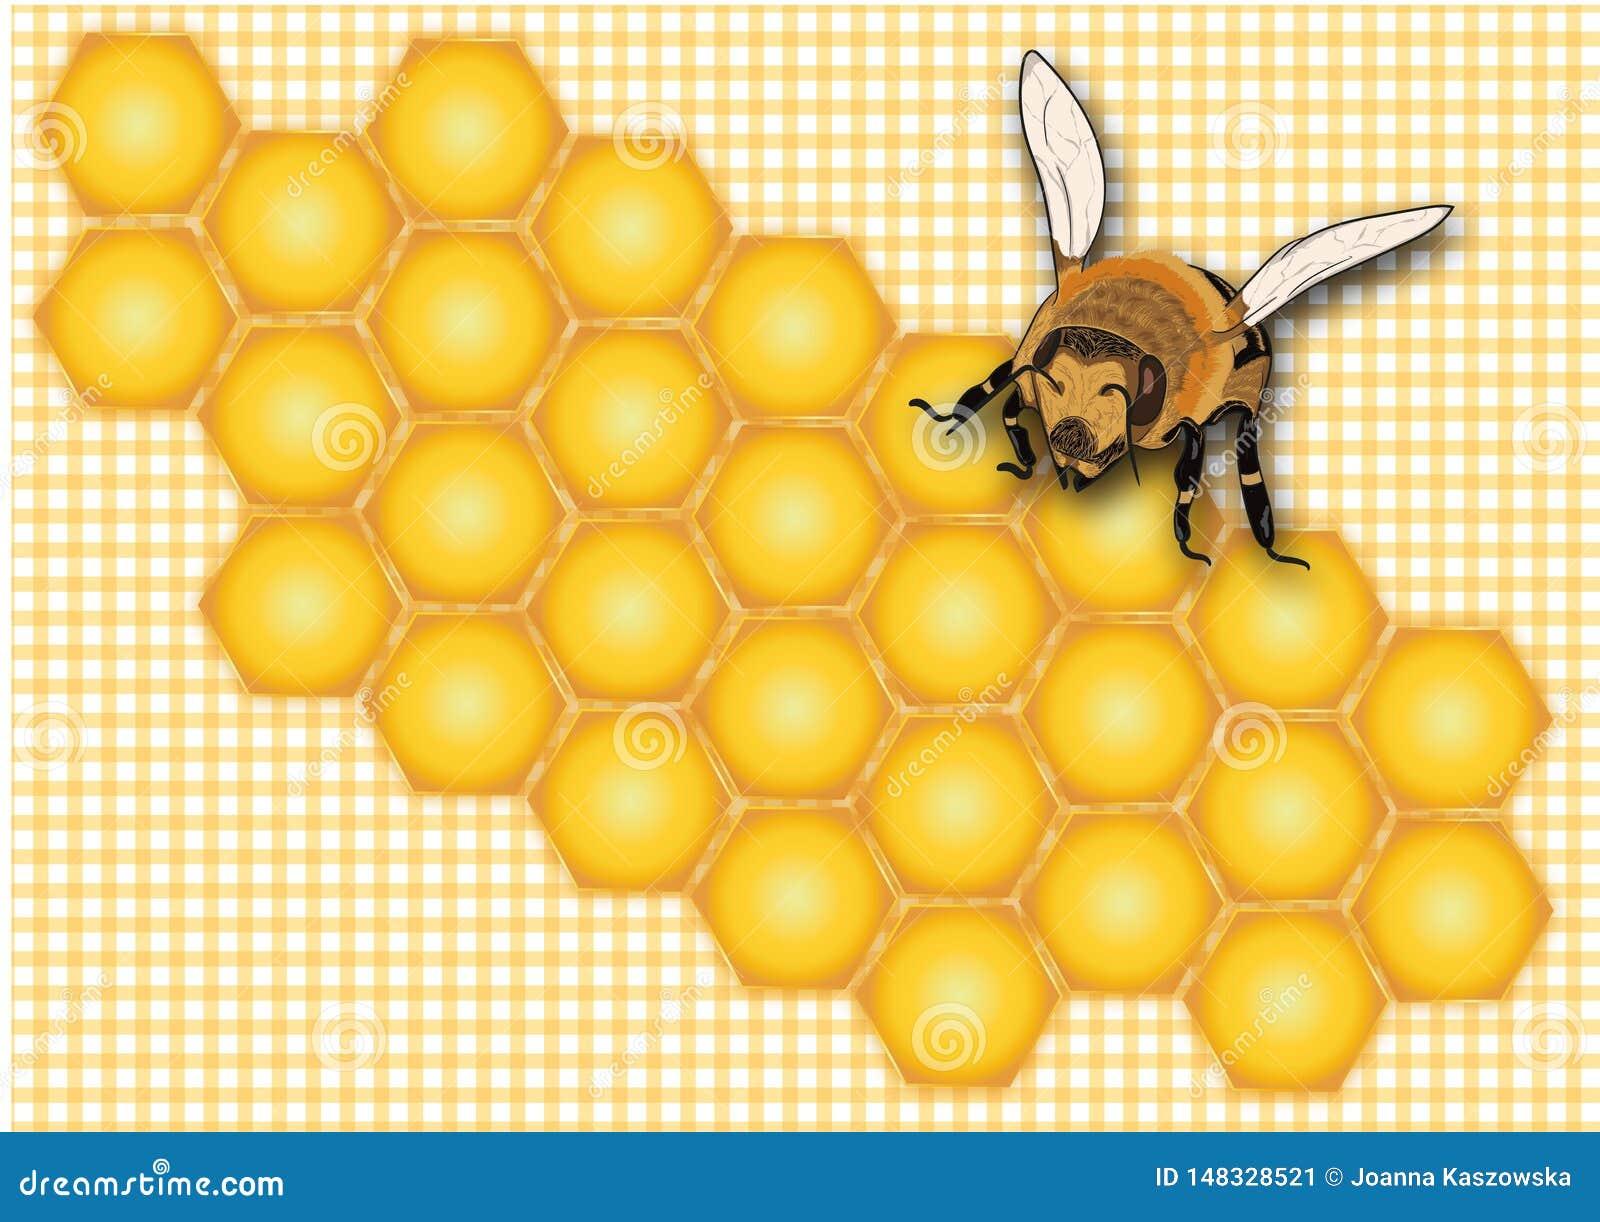 蜂蜜,蜂窝,蜂蜜标签,蜂蜜瓶子标签,夏天,昆虫,黄色蜂,甜点,蜂蜜背景,